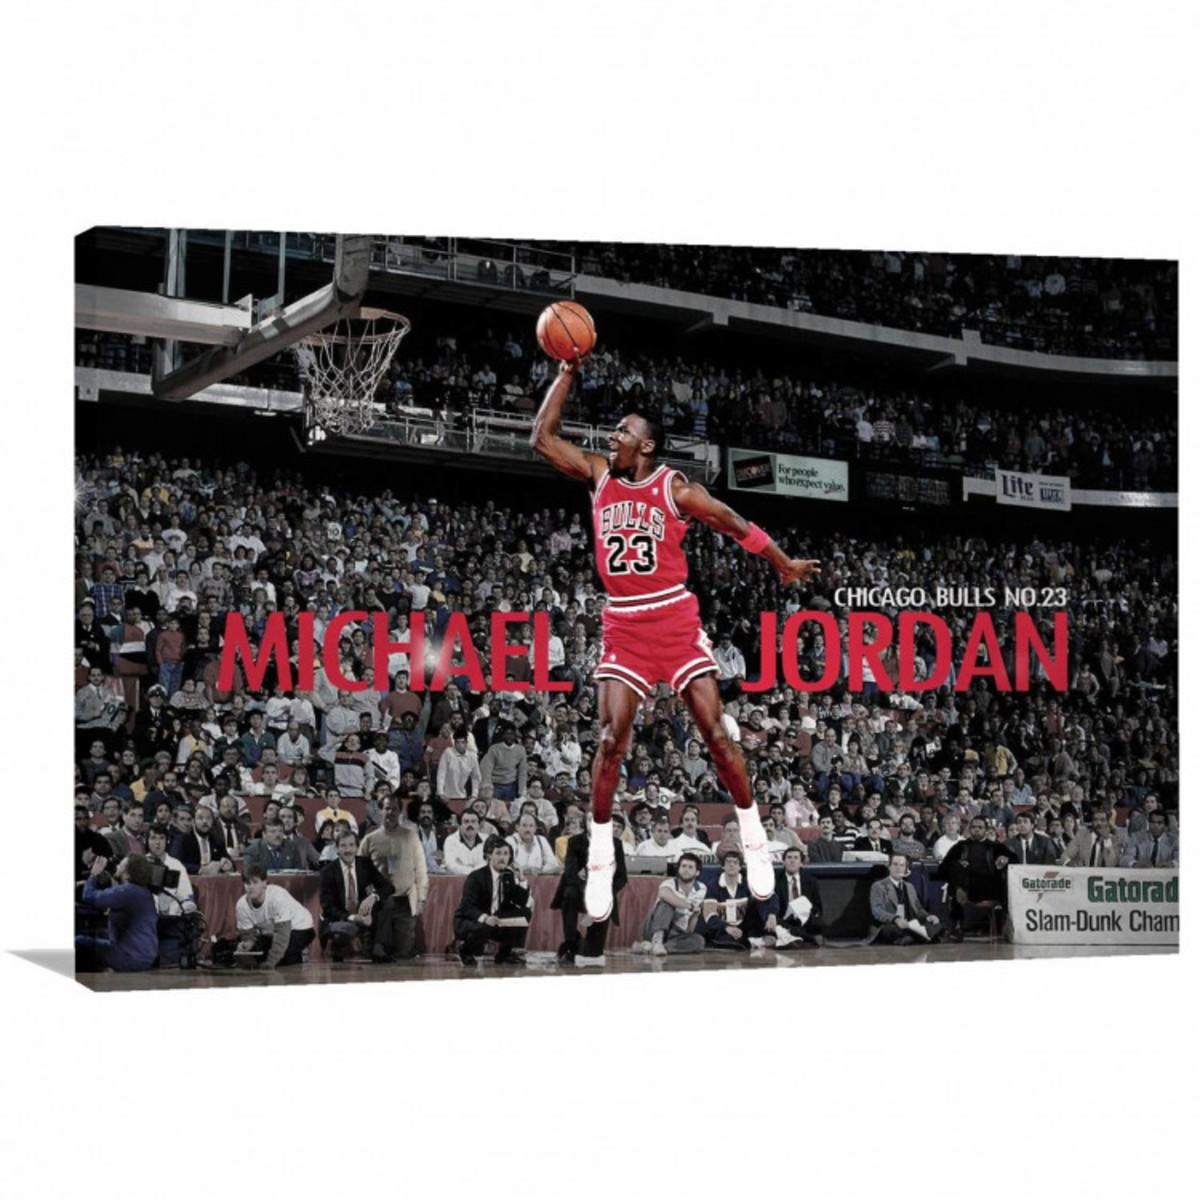 6cae2d2cd72 Quadro decorativo Michael Jordan Enterrando com Tela em Teci no Elo7 ...